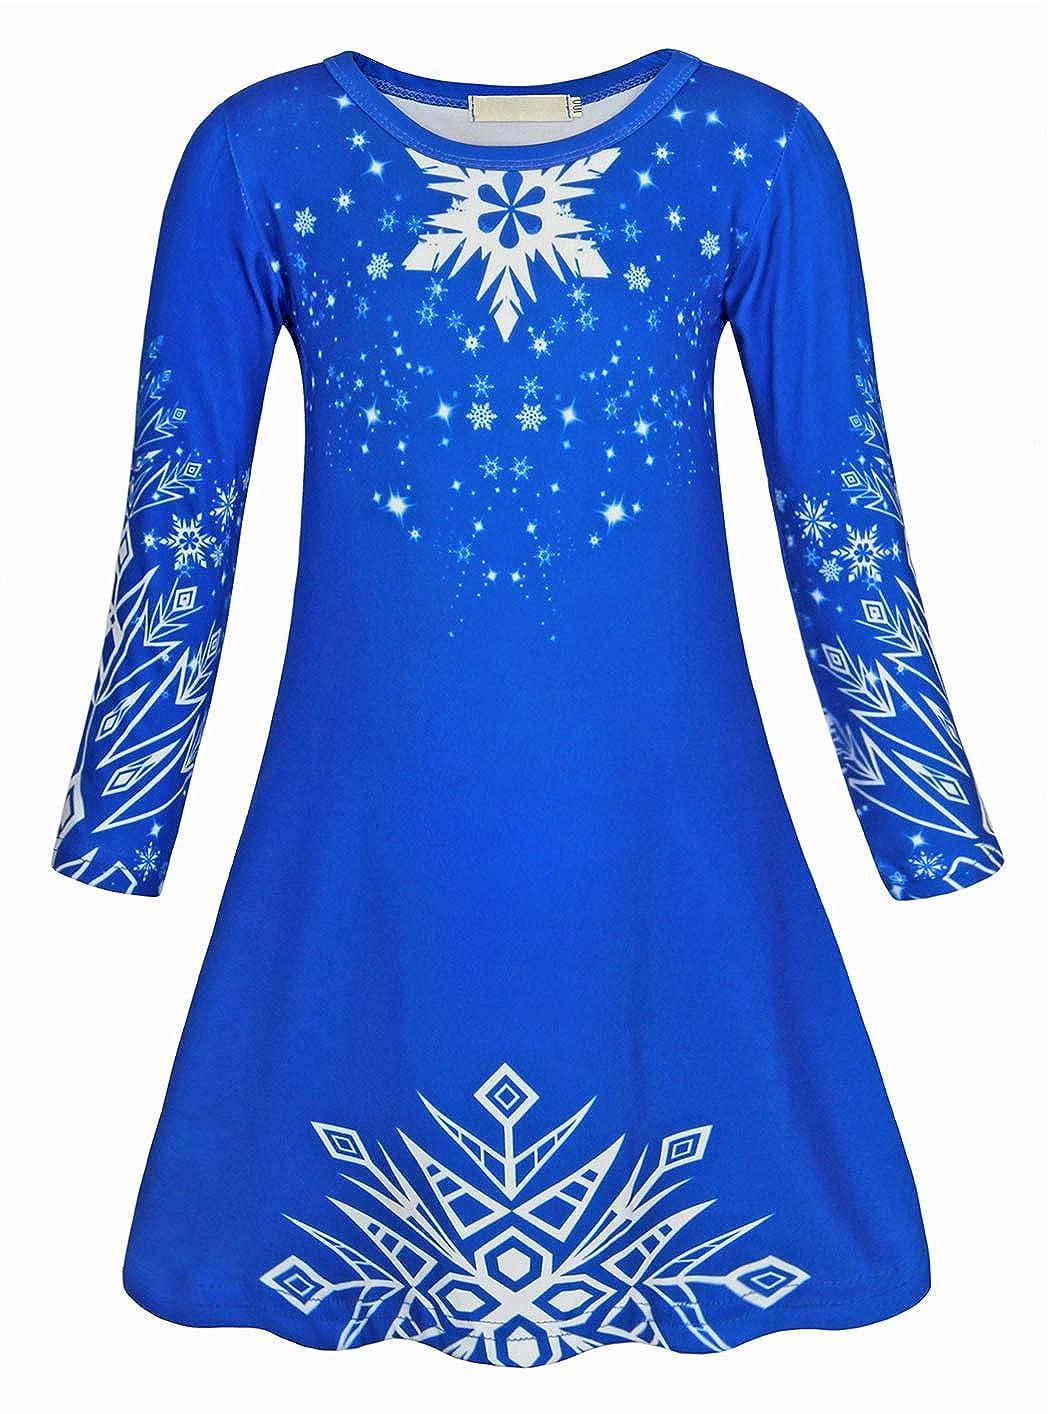 AmzBarley Girls Nightgowns Sleepwear Elsa Sleepshirts Long Sleeve Kids Pajamas Night Sleep Dress